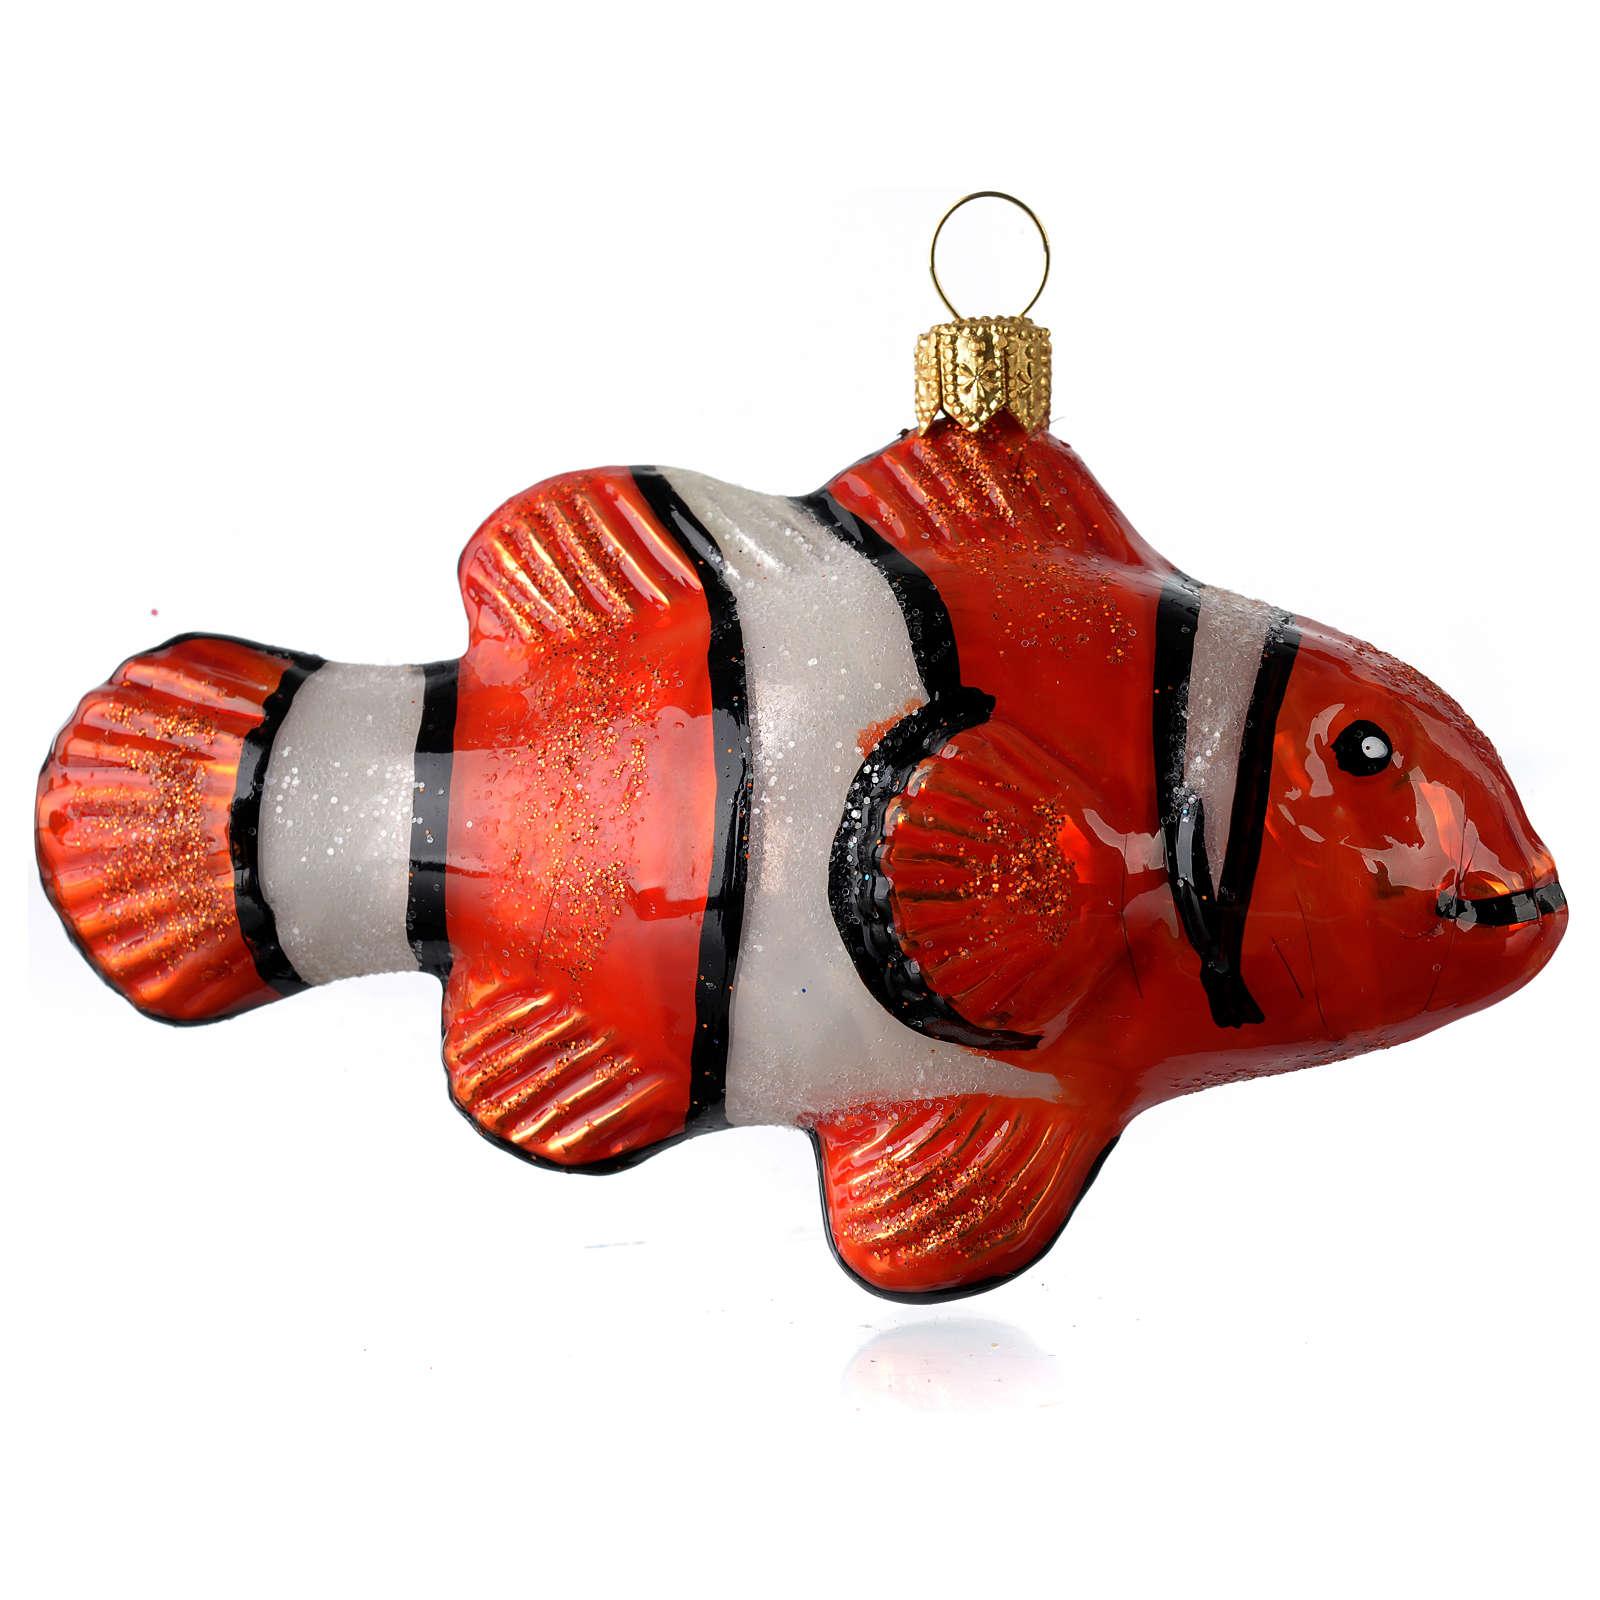 Décoration sapin Noël verre soufflé poisson-clown (Nemo) 4